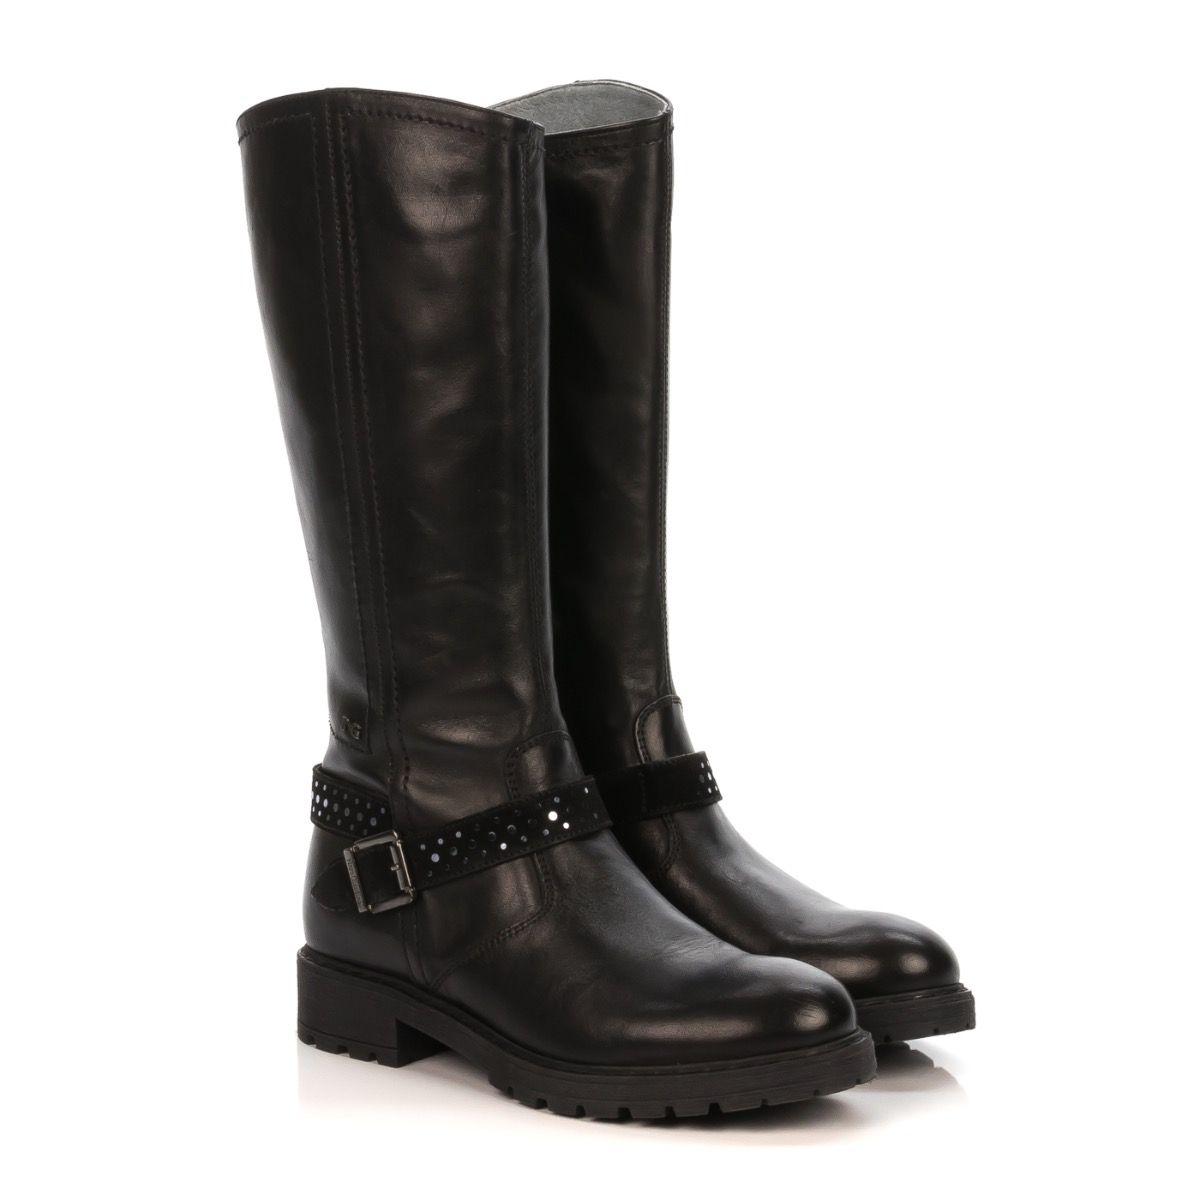 grande collezione moda di vendita caldo a piedi a NERO GIARDINI 632033 STIVALE BAMBINA PELLE NERO FIBBIA